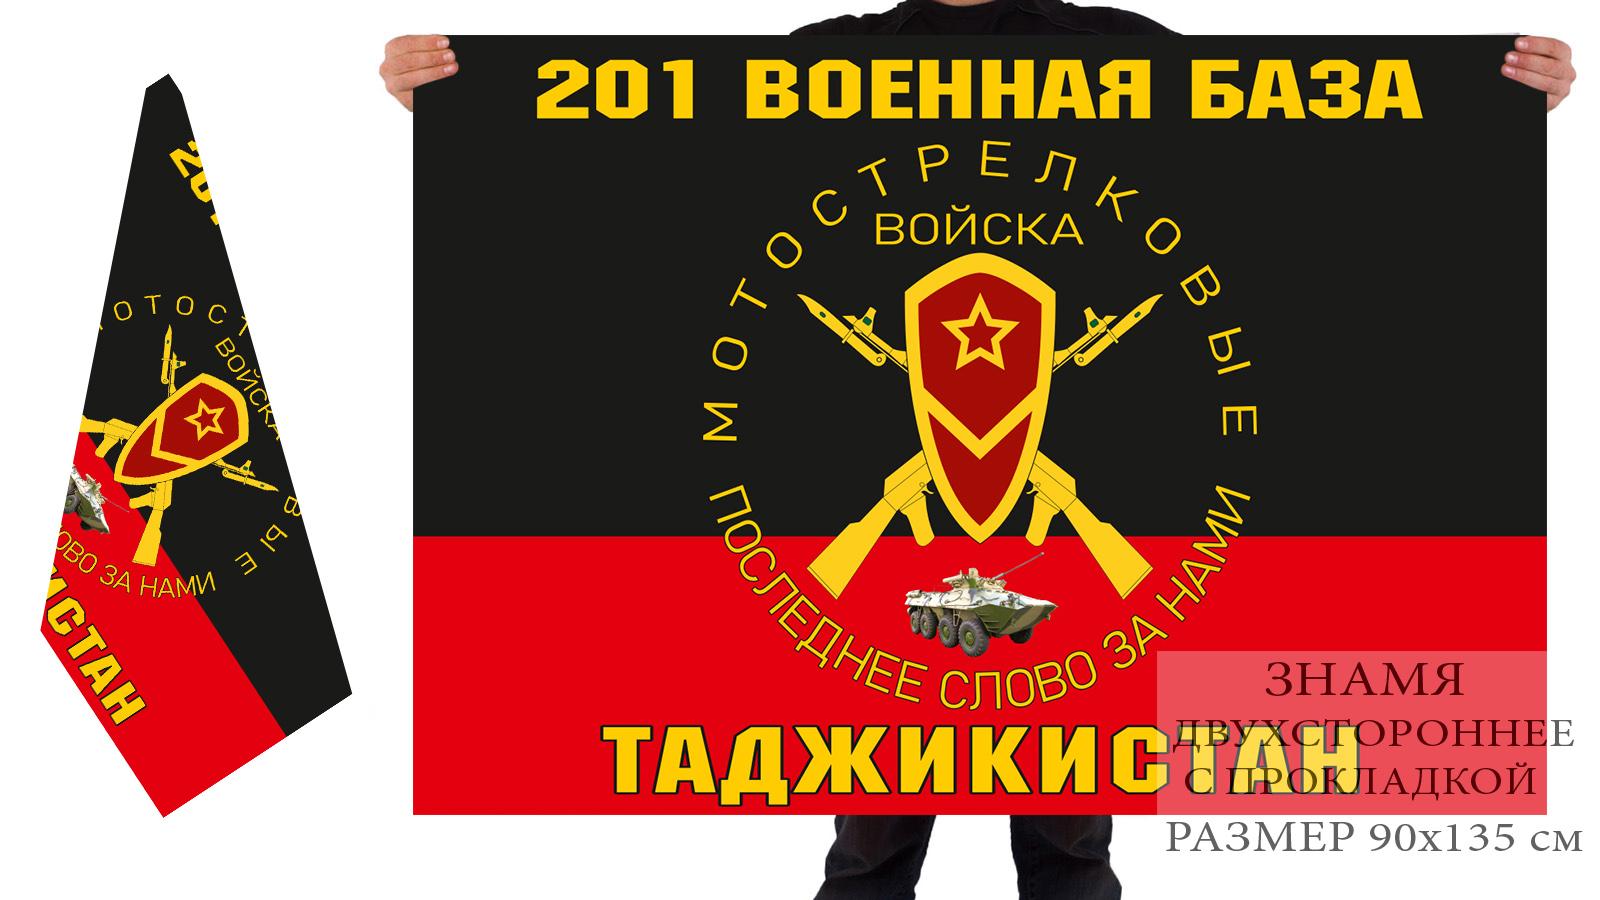 Заказать в Москве флаг Мотострелковые войска – 201 военная база, Таджикистан